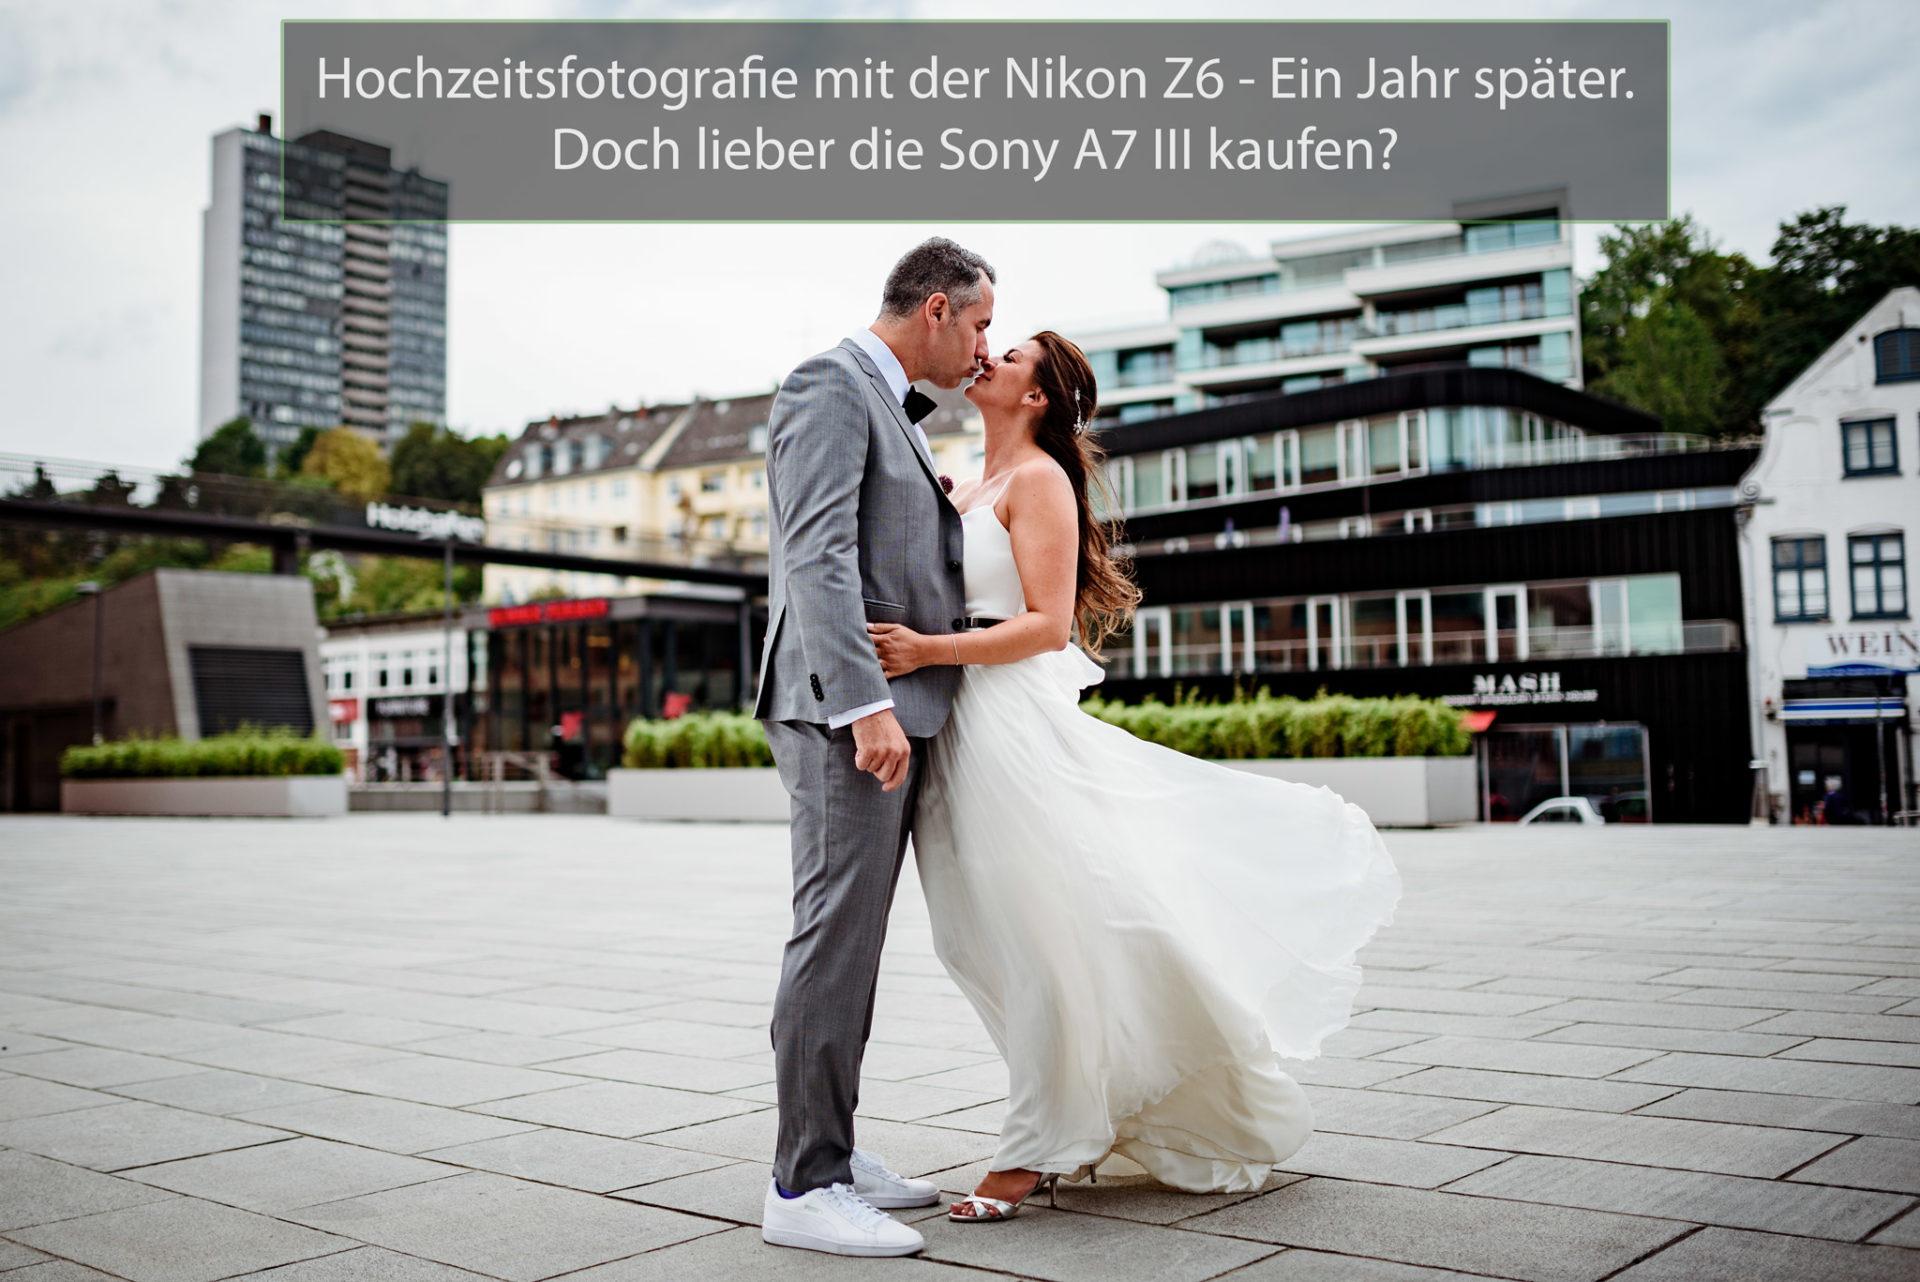 Nikon Z6 Hochzeitsfotografie vs Sony A7 III